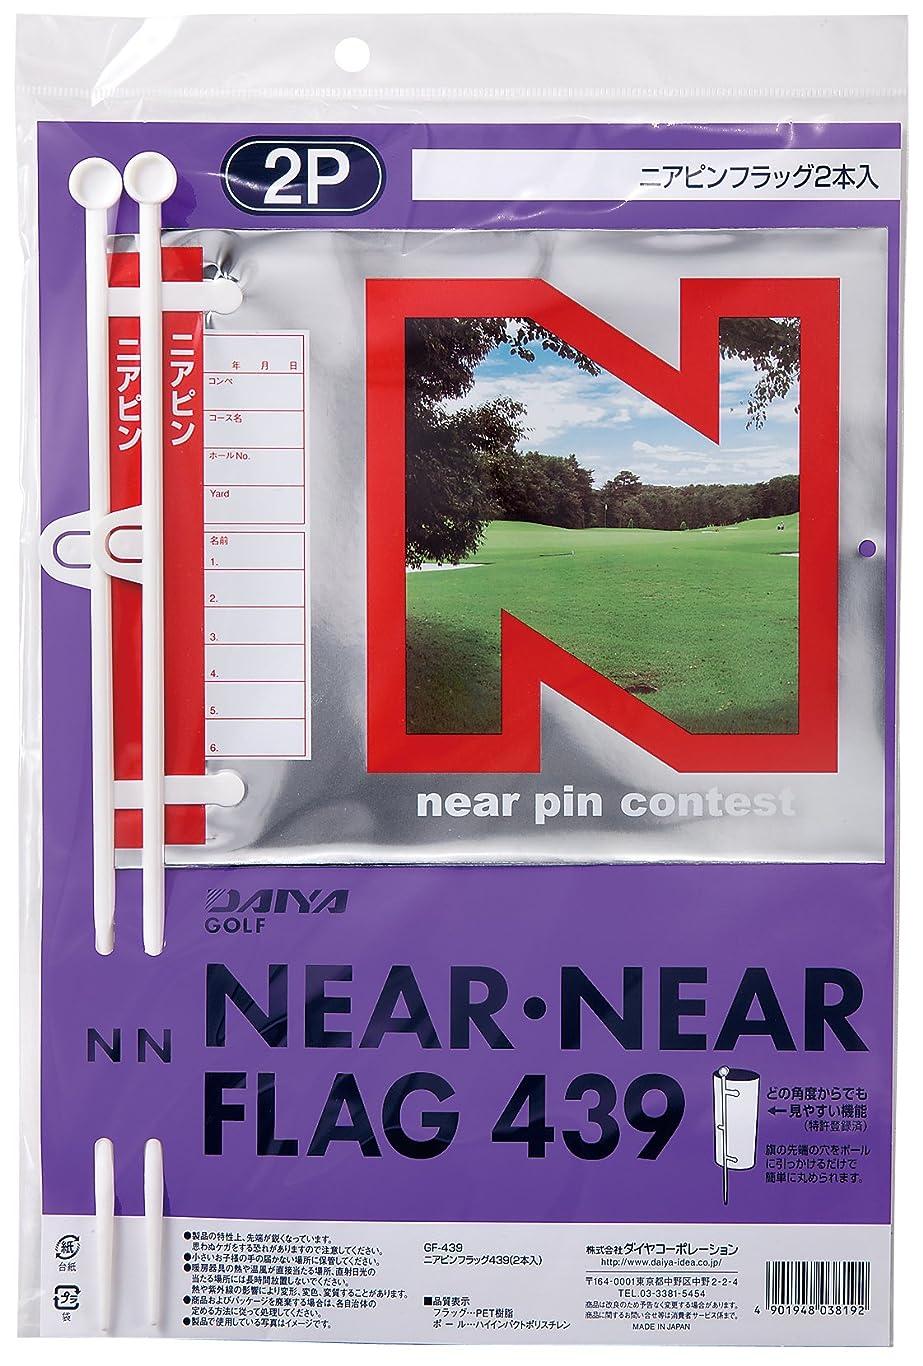 ボーカル切手助言ダイヤ(DAIYA) ダイヤ ニアピンドラコンの旗 ニアピン?ドラコンフラッグ2本組  GF-421